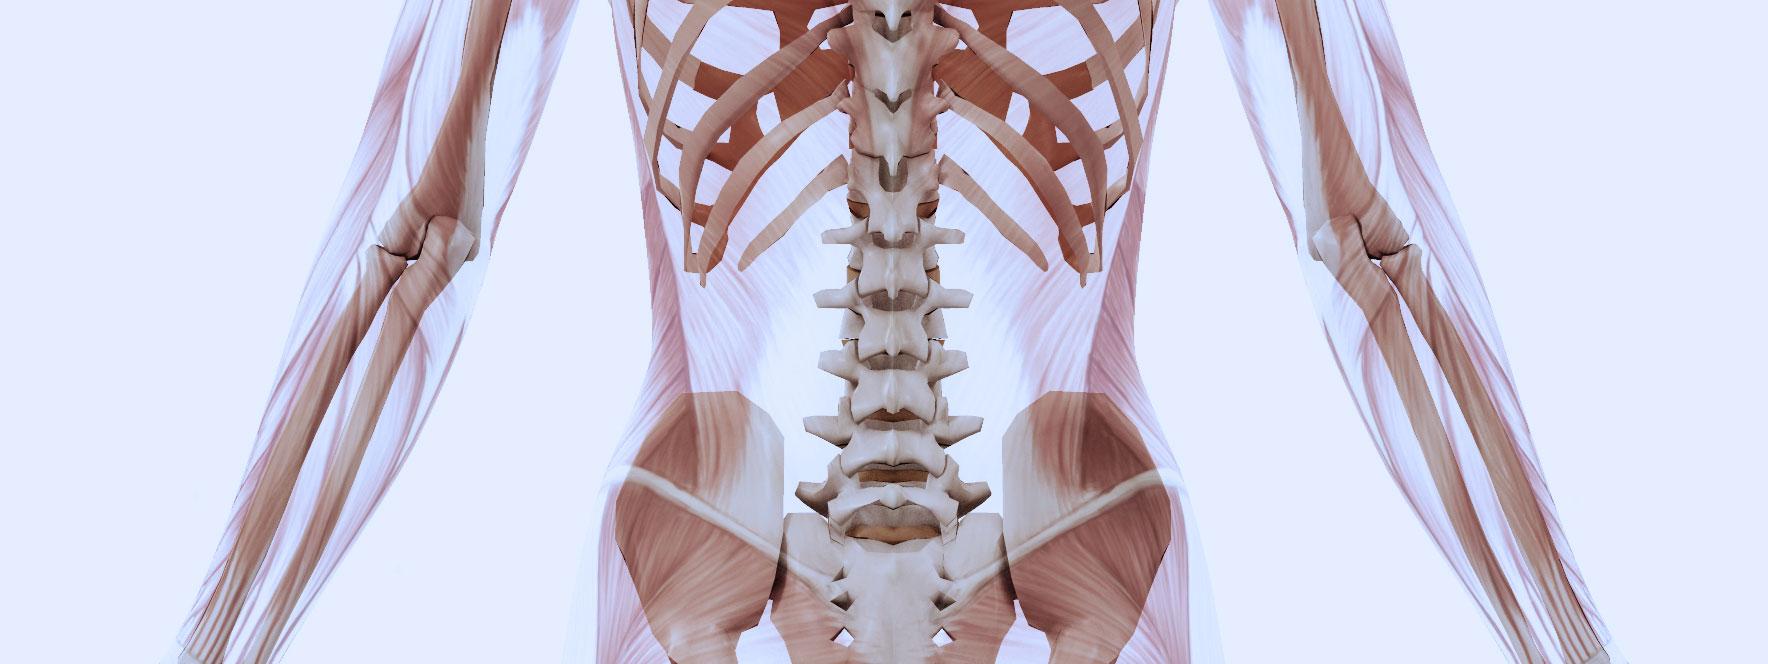 Quels muscles peuvent en être la cause? Blogue du Réseau